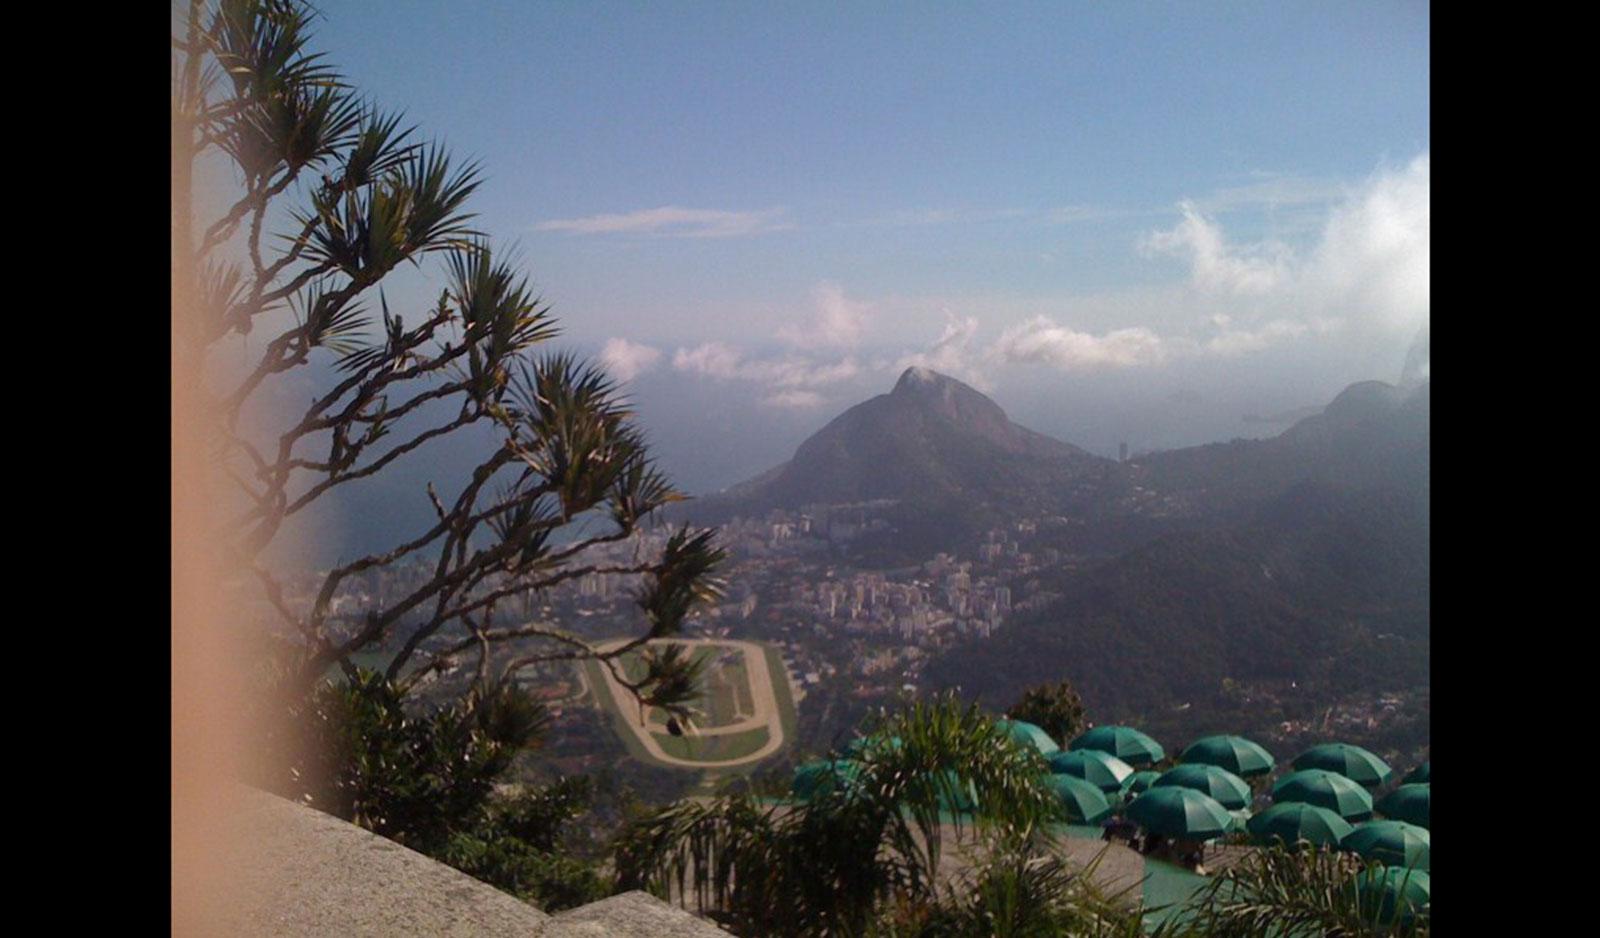 IMG_0351galerie_brazilia_tableta